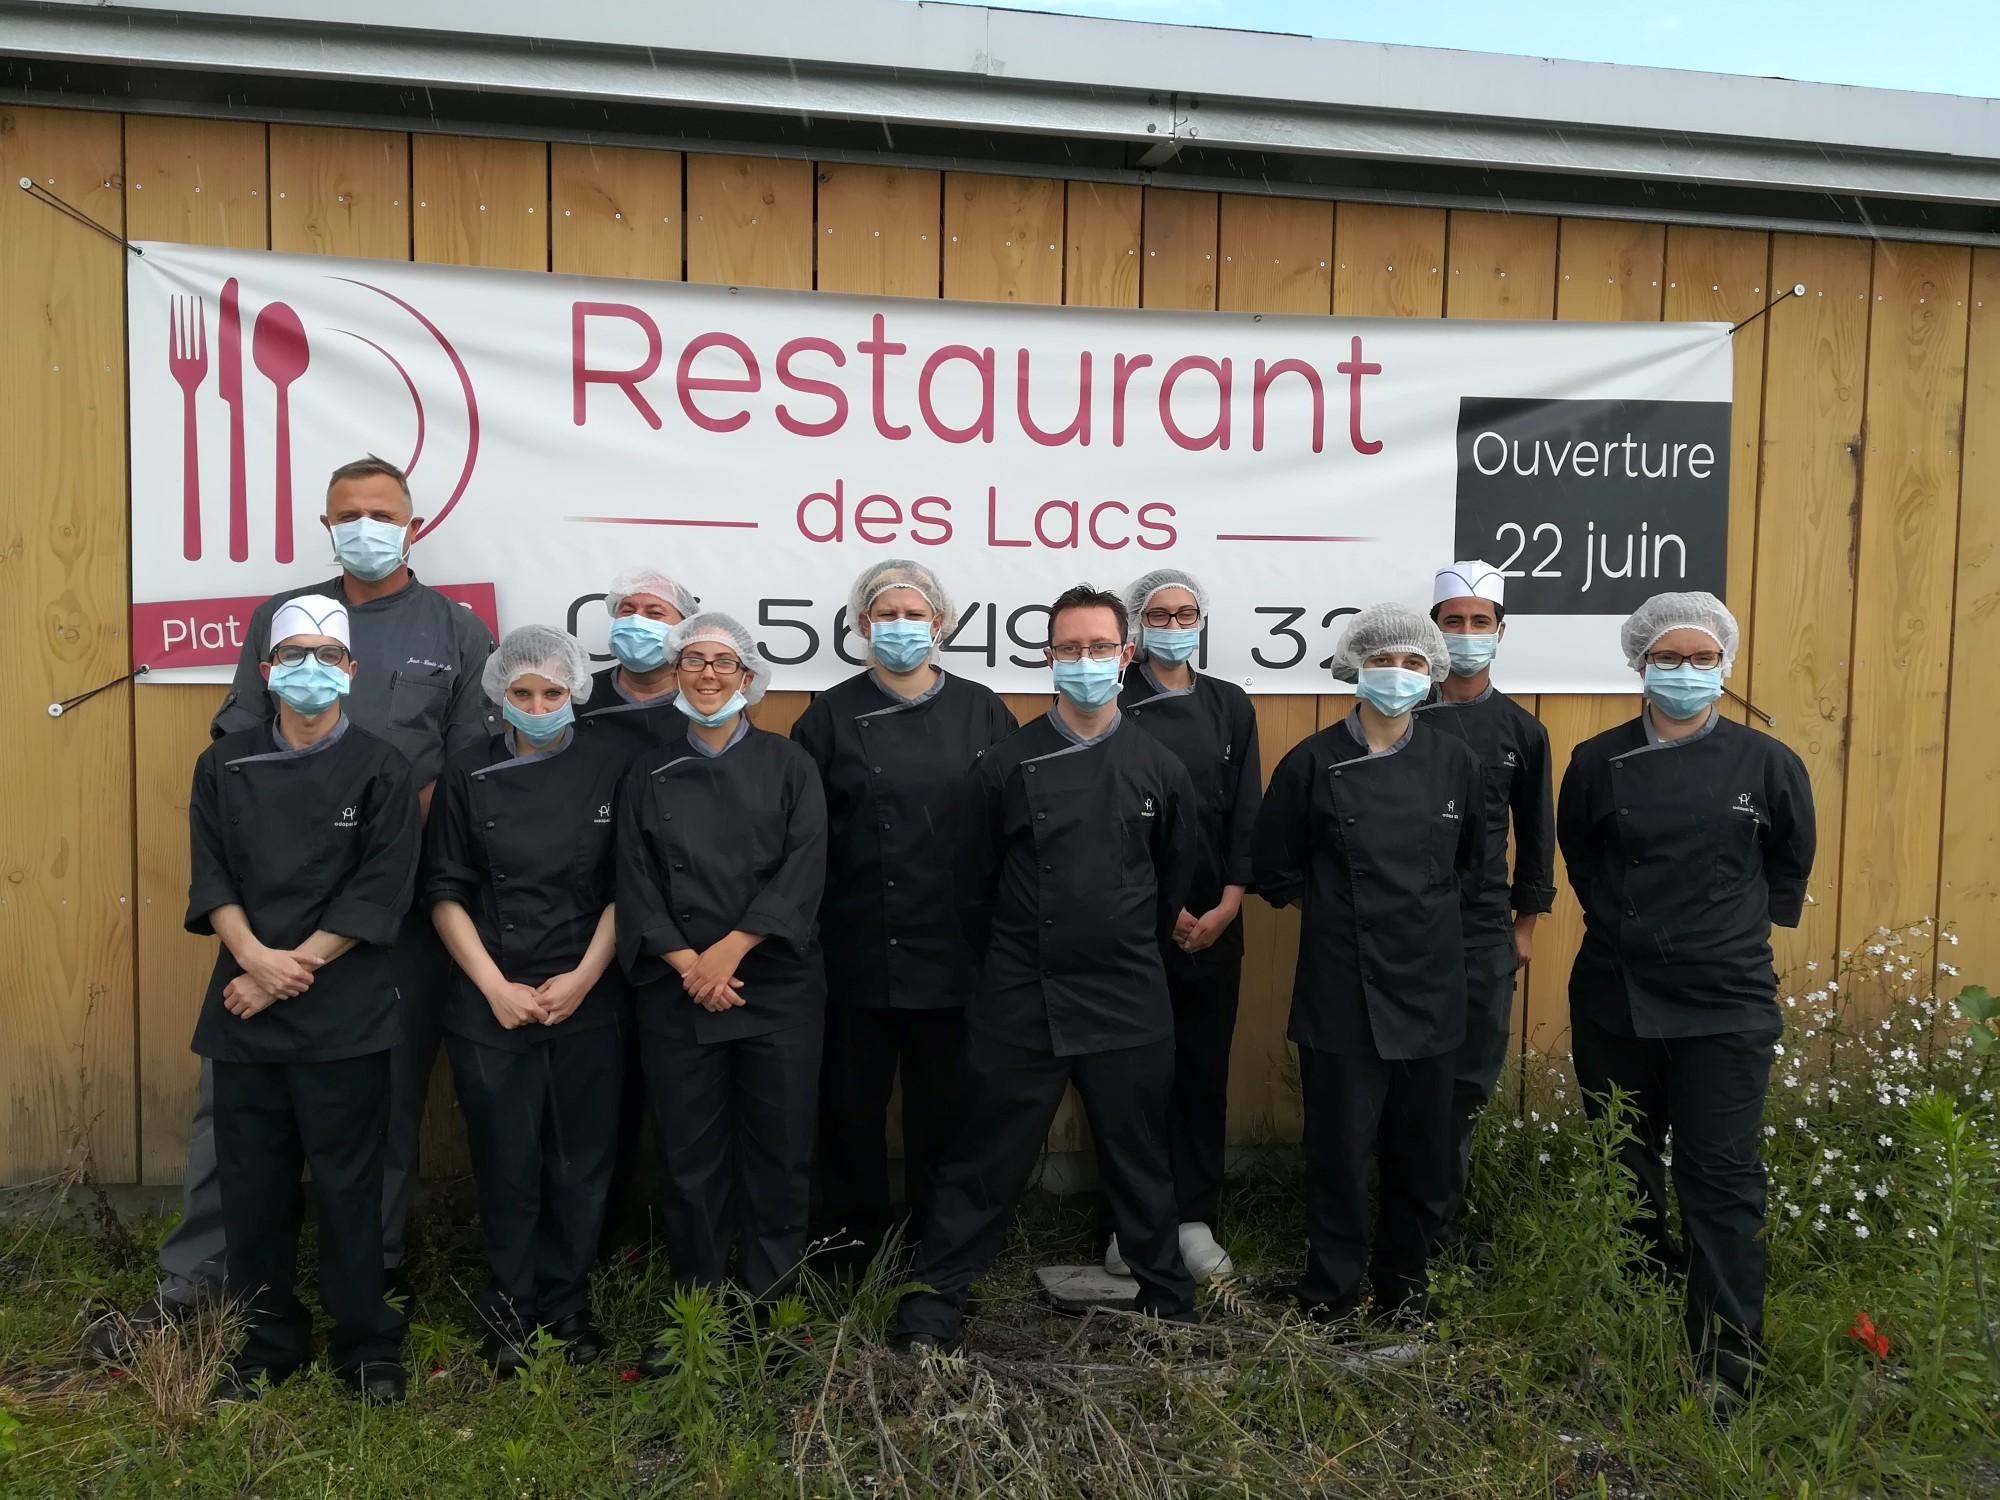 Ouverture du restaurant des Lacs à Blanquefort le 22 juin